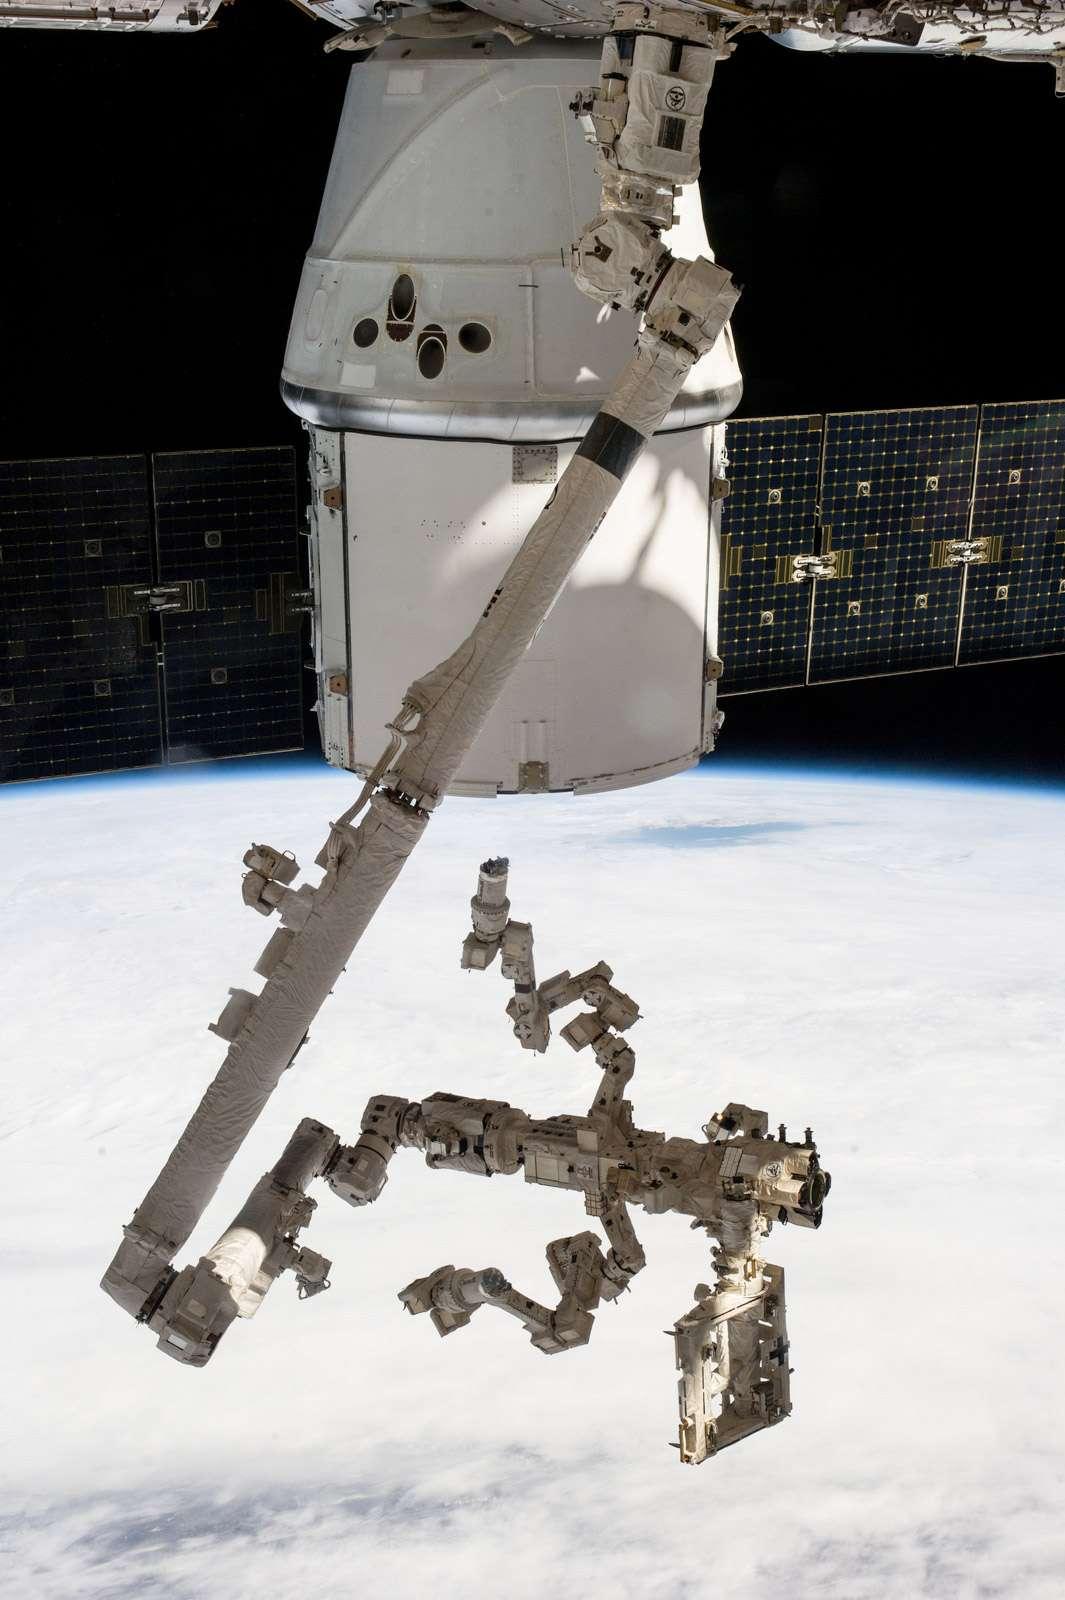 La capsule Dragon avec au premier plan le bras robotique de la Station (Canadarm 2) et, installé dessus, Dextre, s'apprêtant à extraire les deux expériences scientifiques situées à l'arrière de la capsule de SpaceX. © Nasa